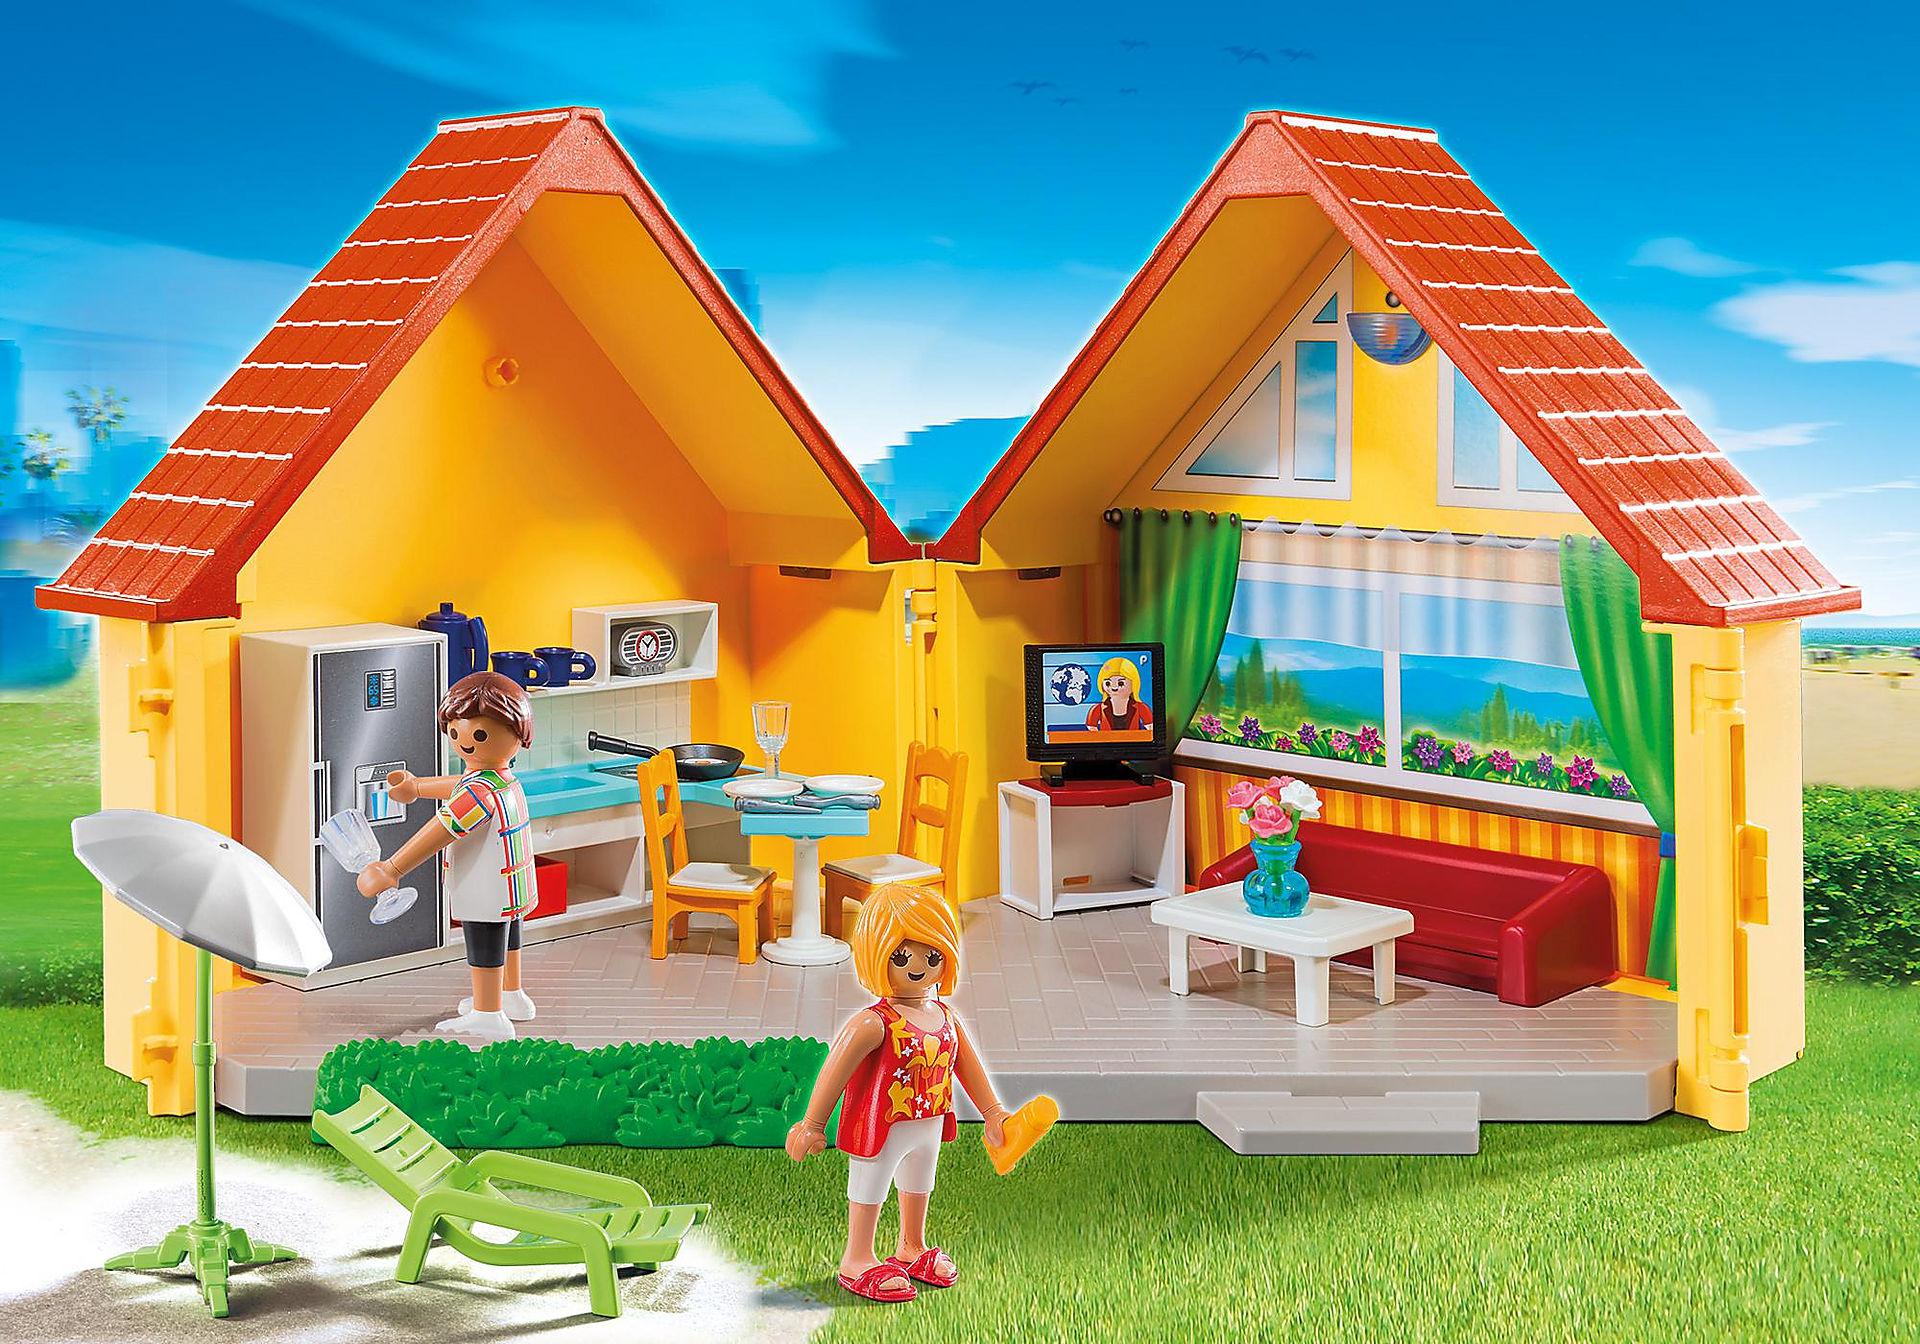 6020 Casa delle vacanze portatile zoom image1